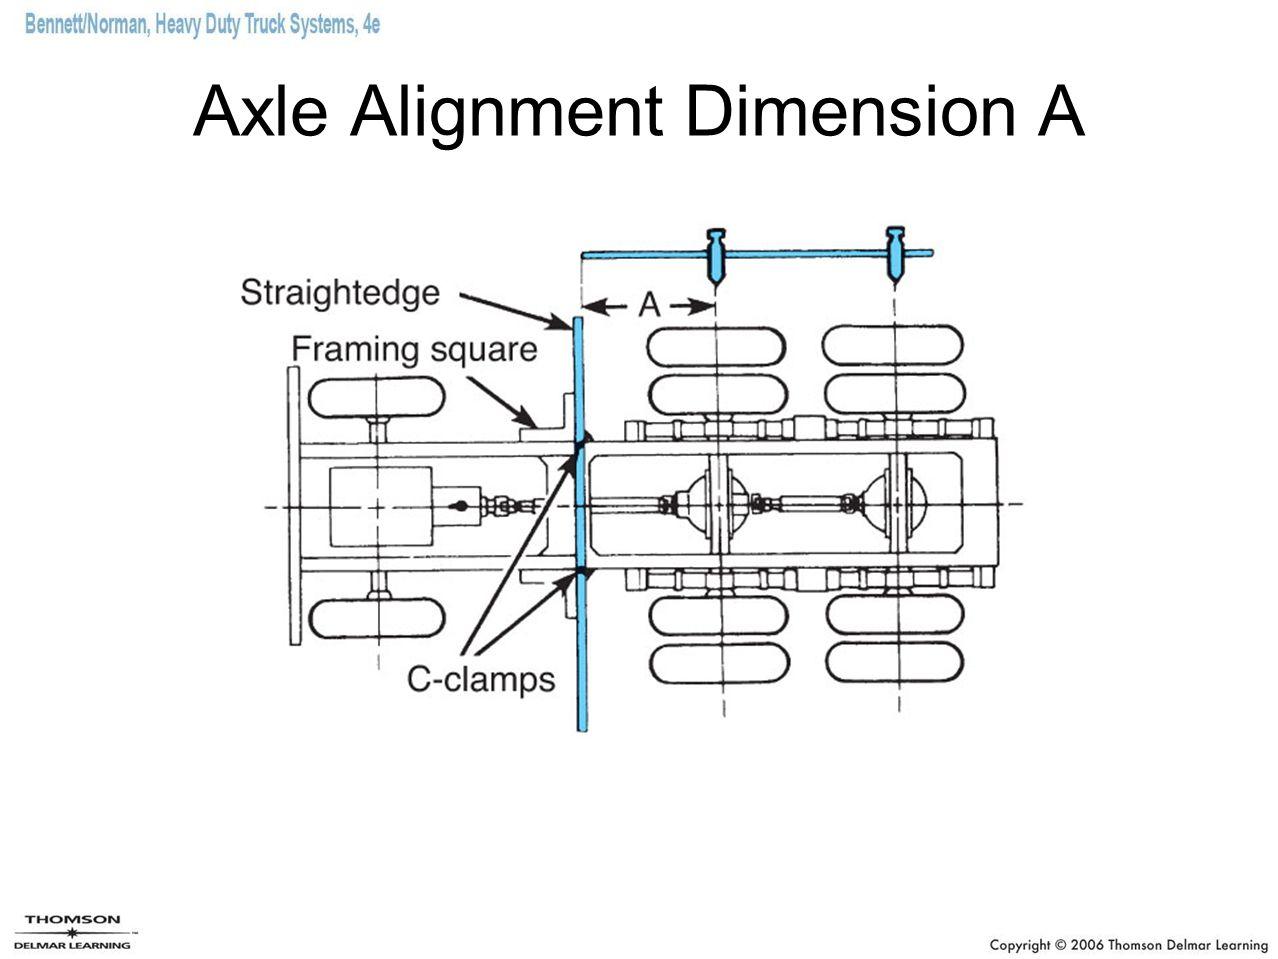 Axle Alignment Dimension A